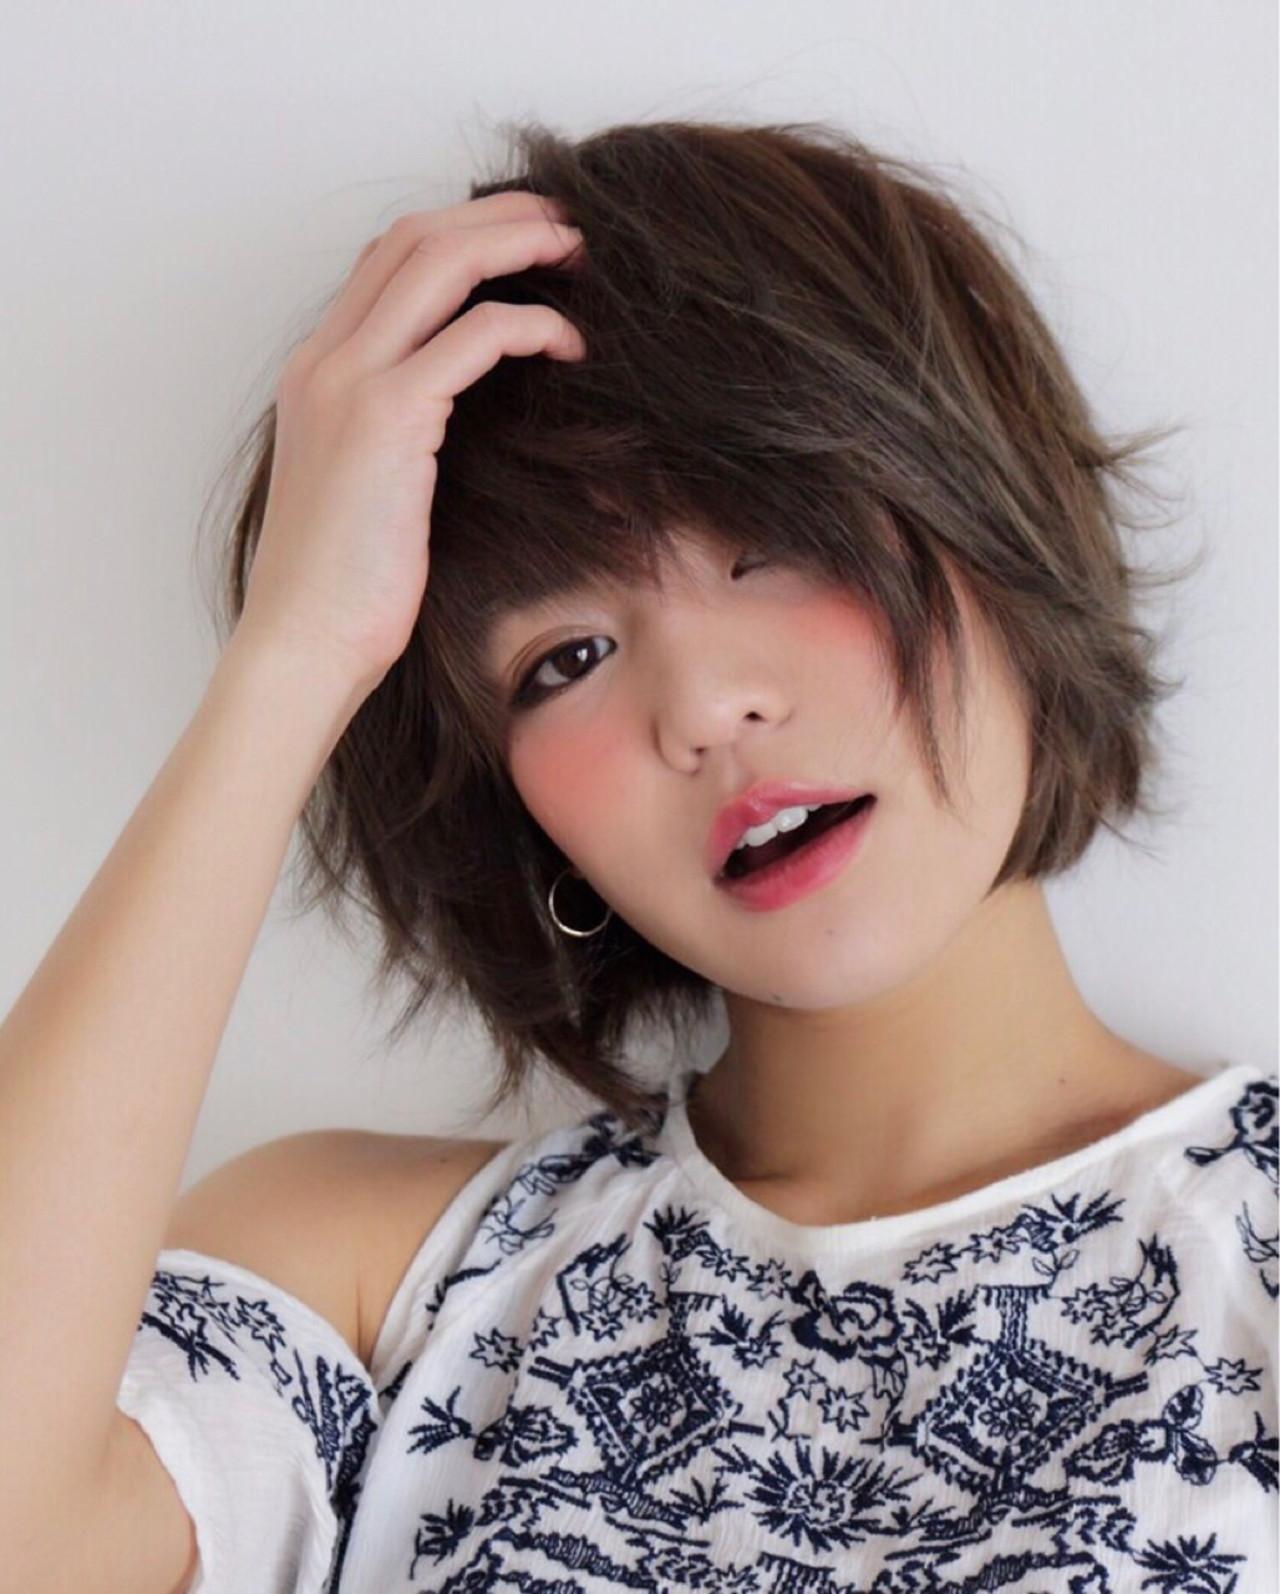 やっぱり可愛いショートボブ!ヘアスタイルに迷ったときにやりたい髪型10選 田子 正也